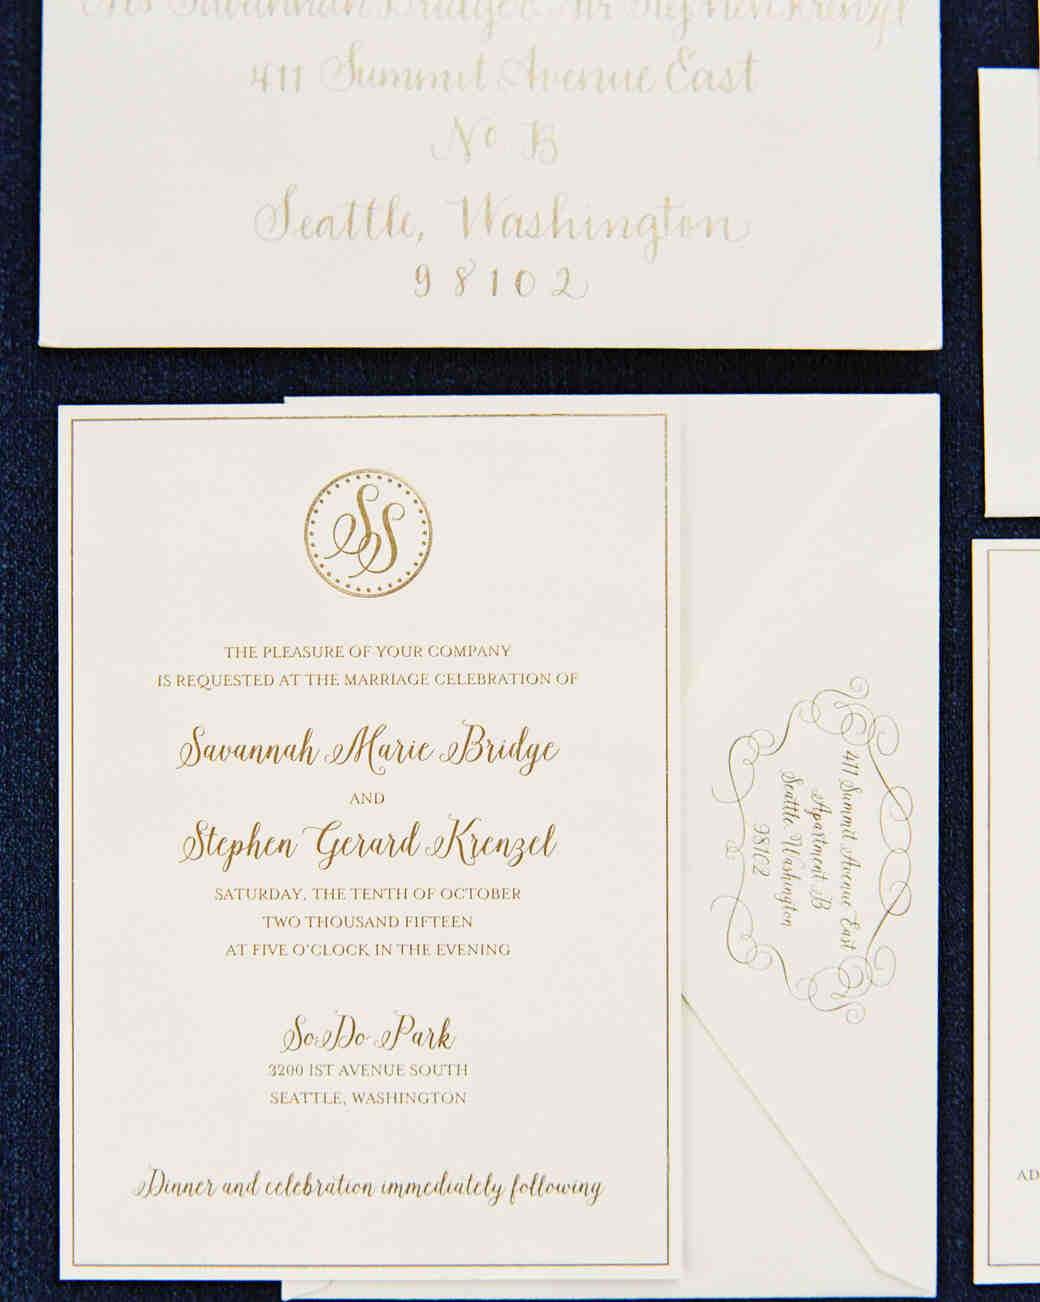 Fall Wedding Invitations from Real Weddings Martha Stewart Weddings